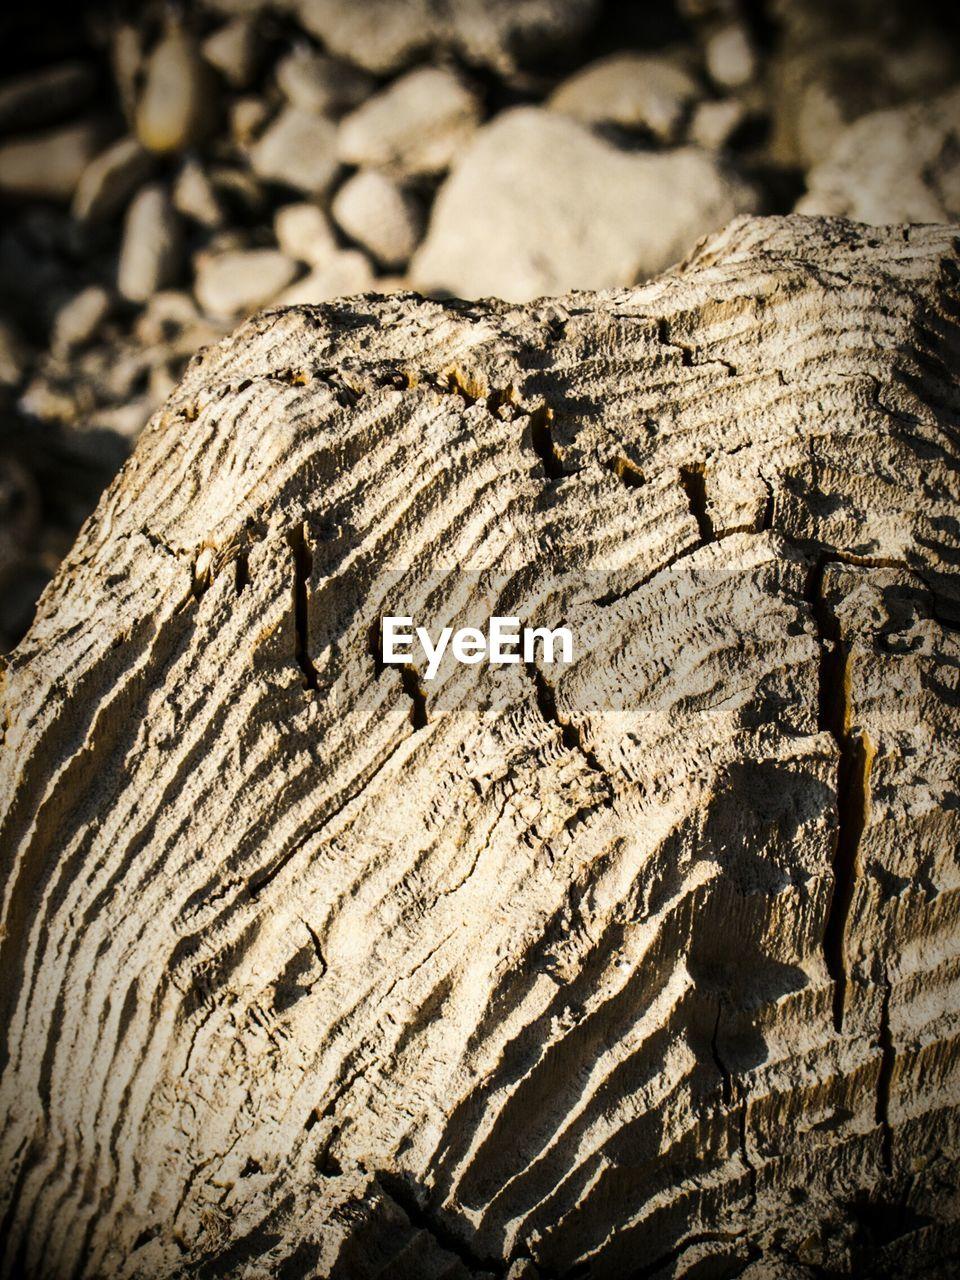 Detail shot of wood grain